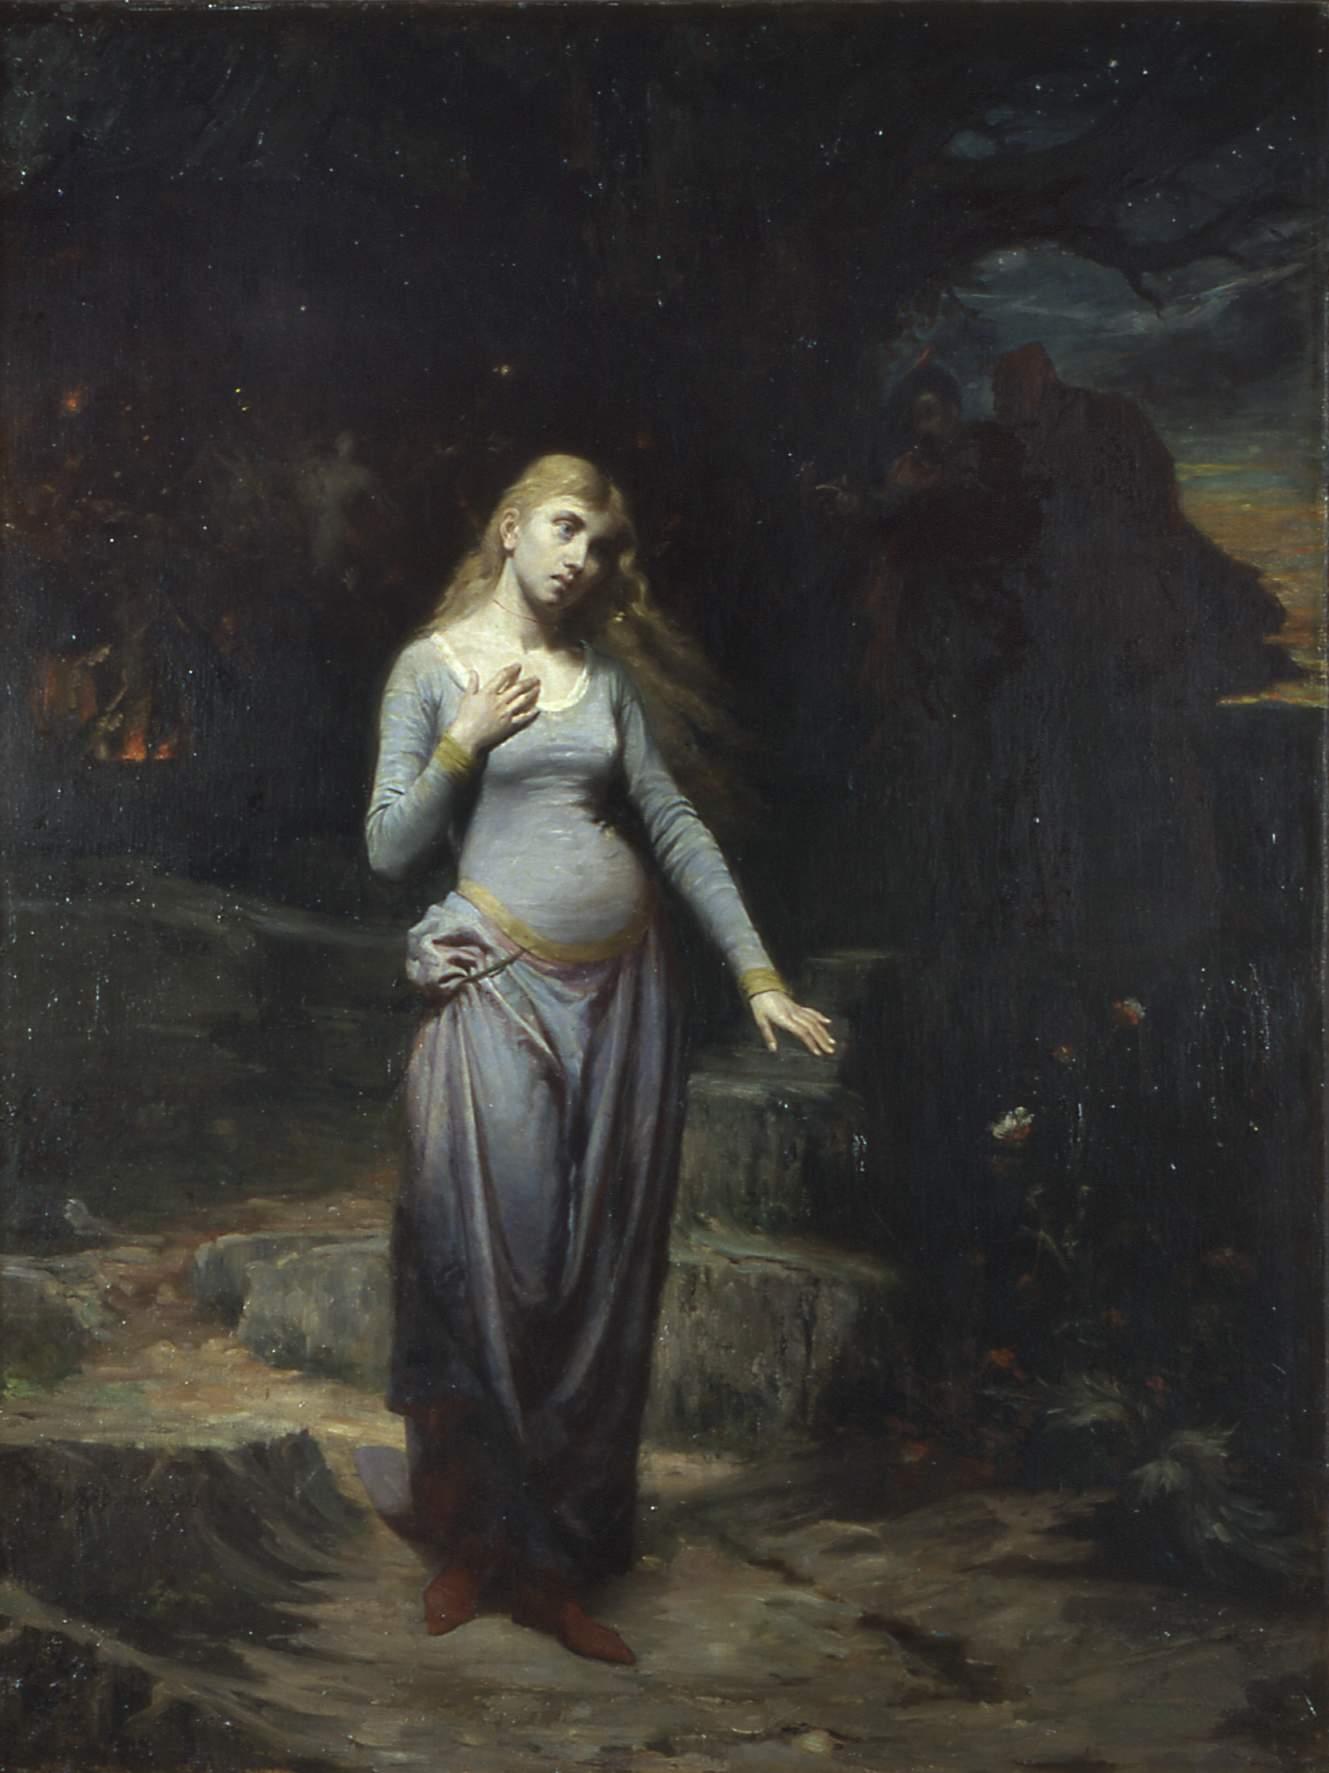 Accrochage : Marguerite et Faust, un amour tragique in fine